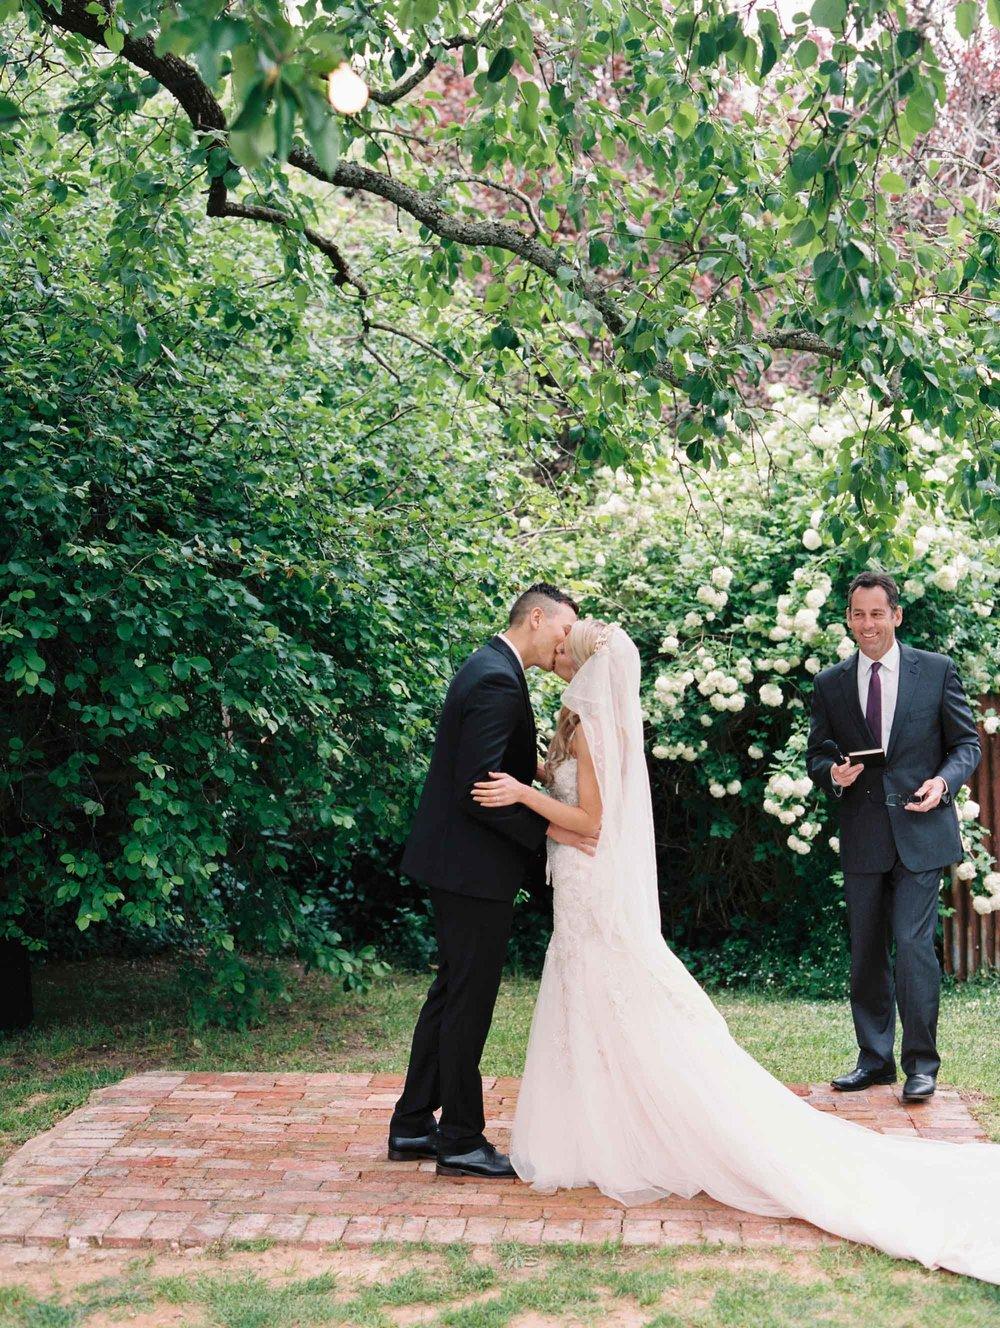 Whitehouse-hahndorf-wedding-photography-052.jpg